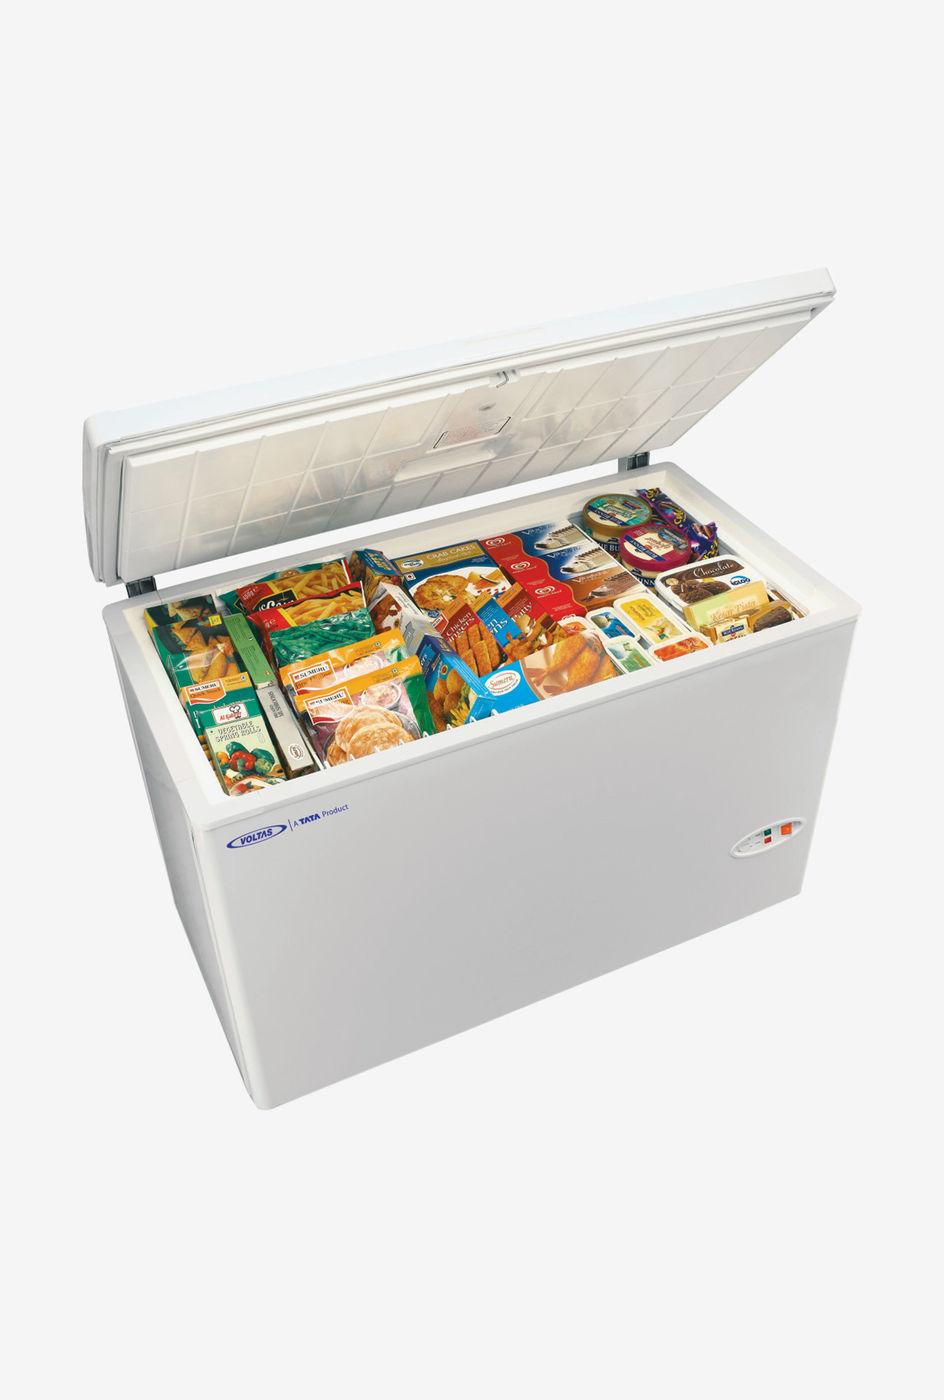 Voltas 320 L Metal Top Single Door Deep Freezer